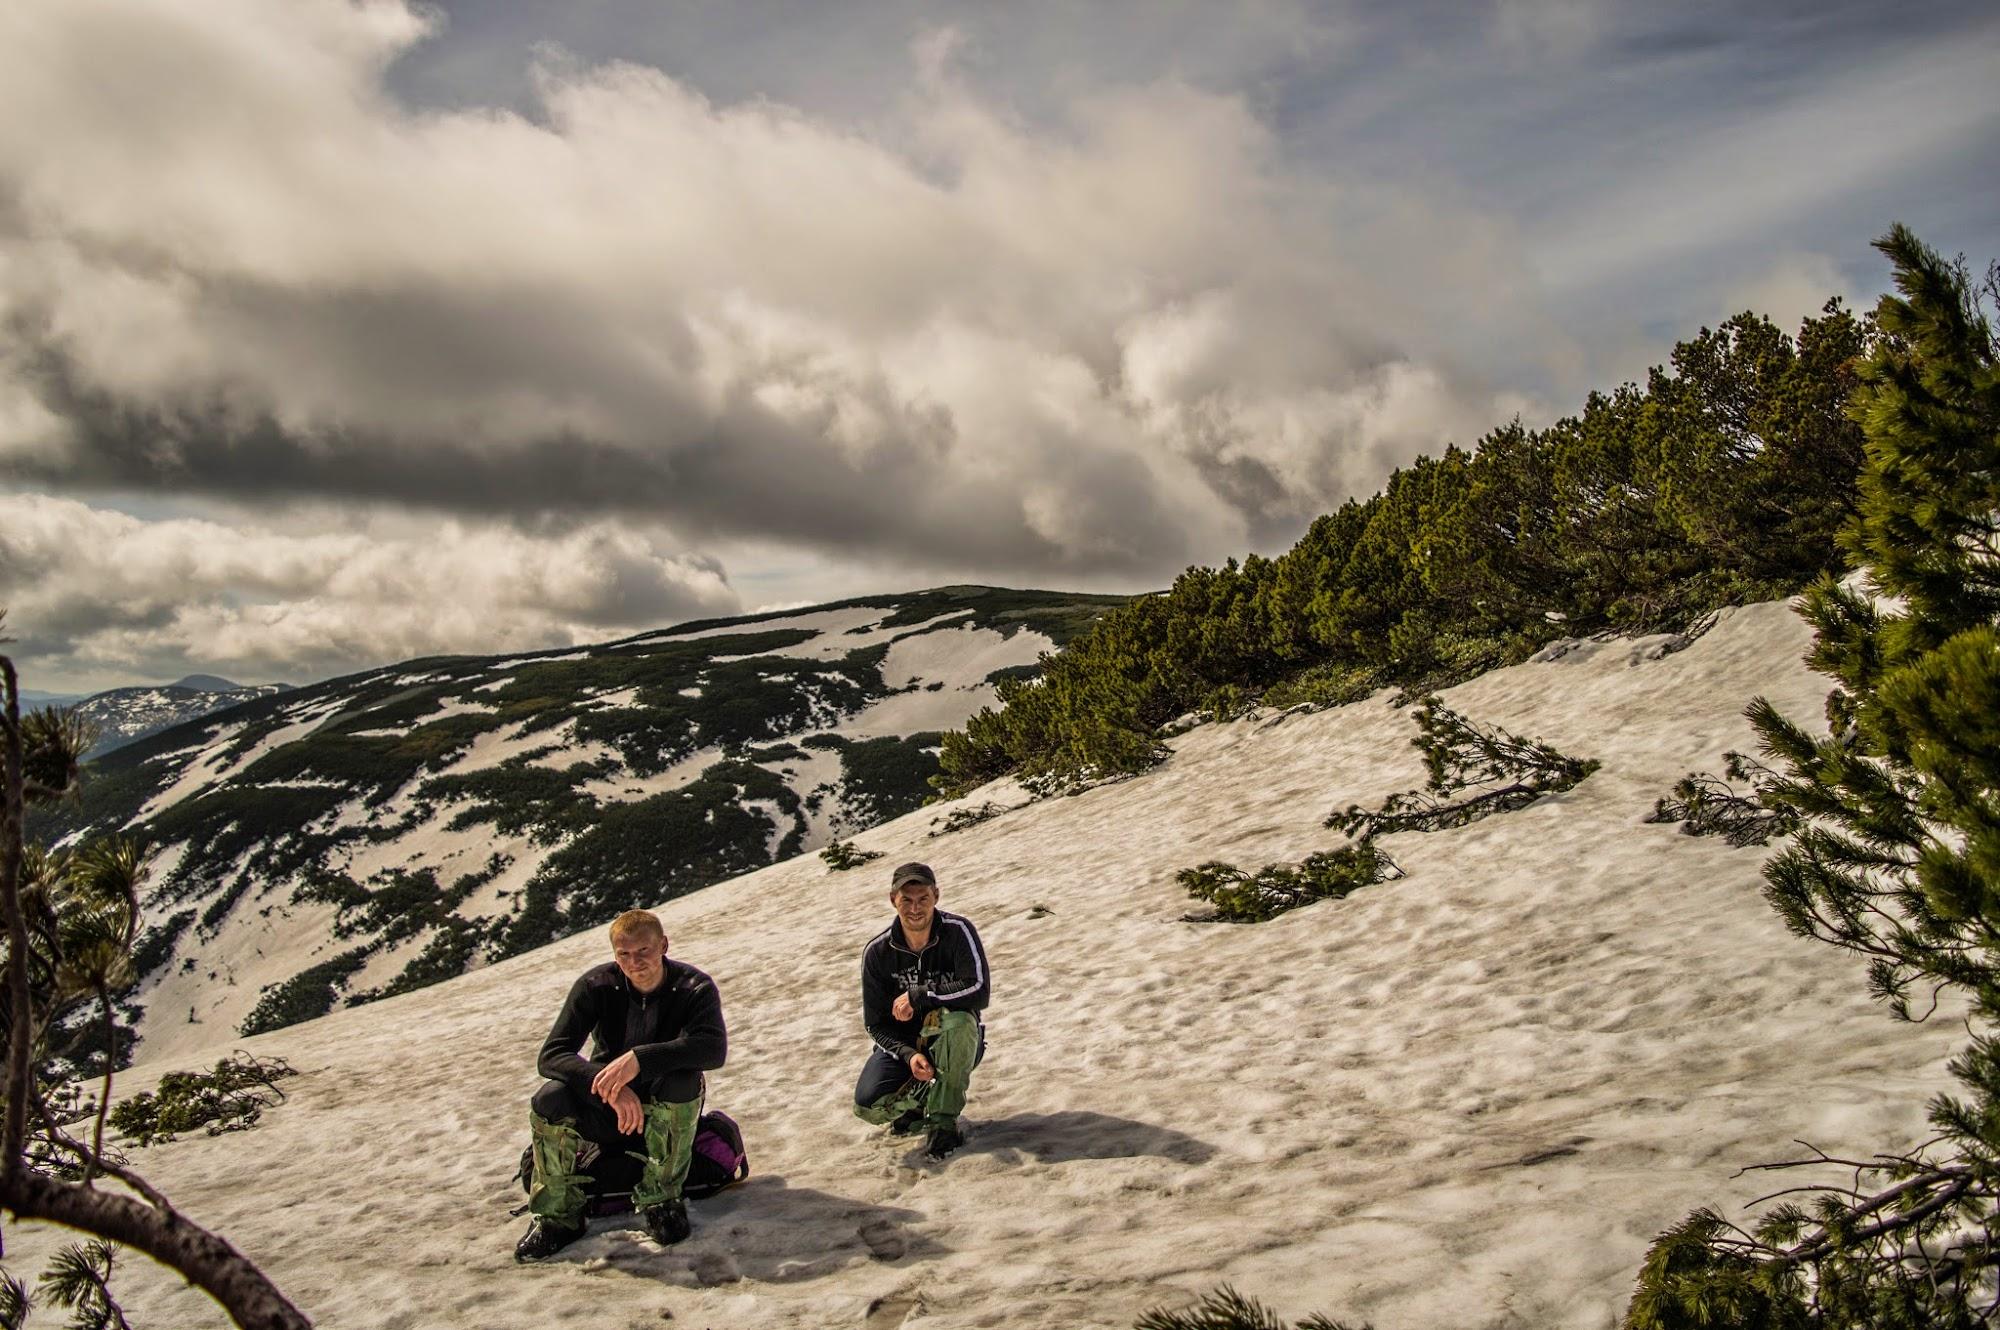 Паренки, травень, сніг, жереп, альпійка